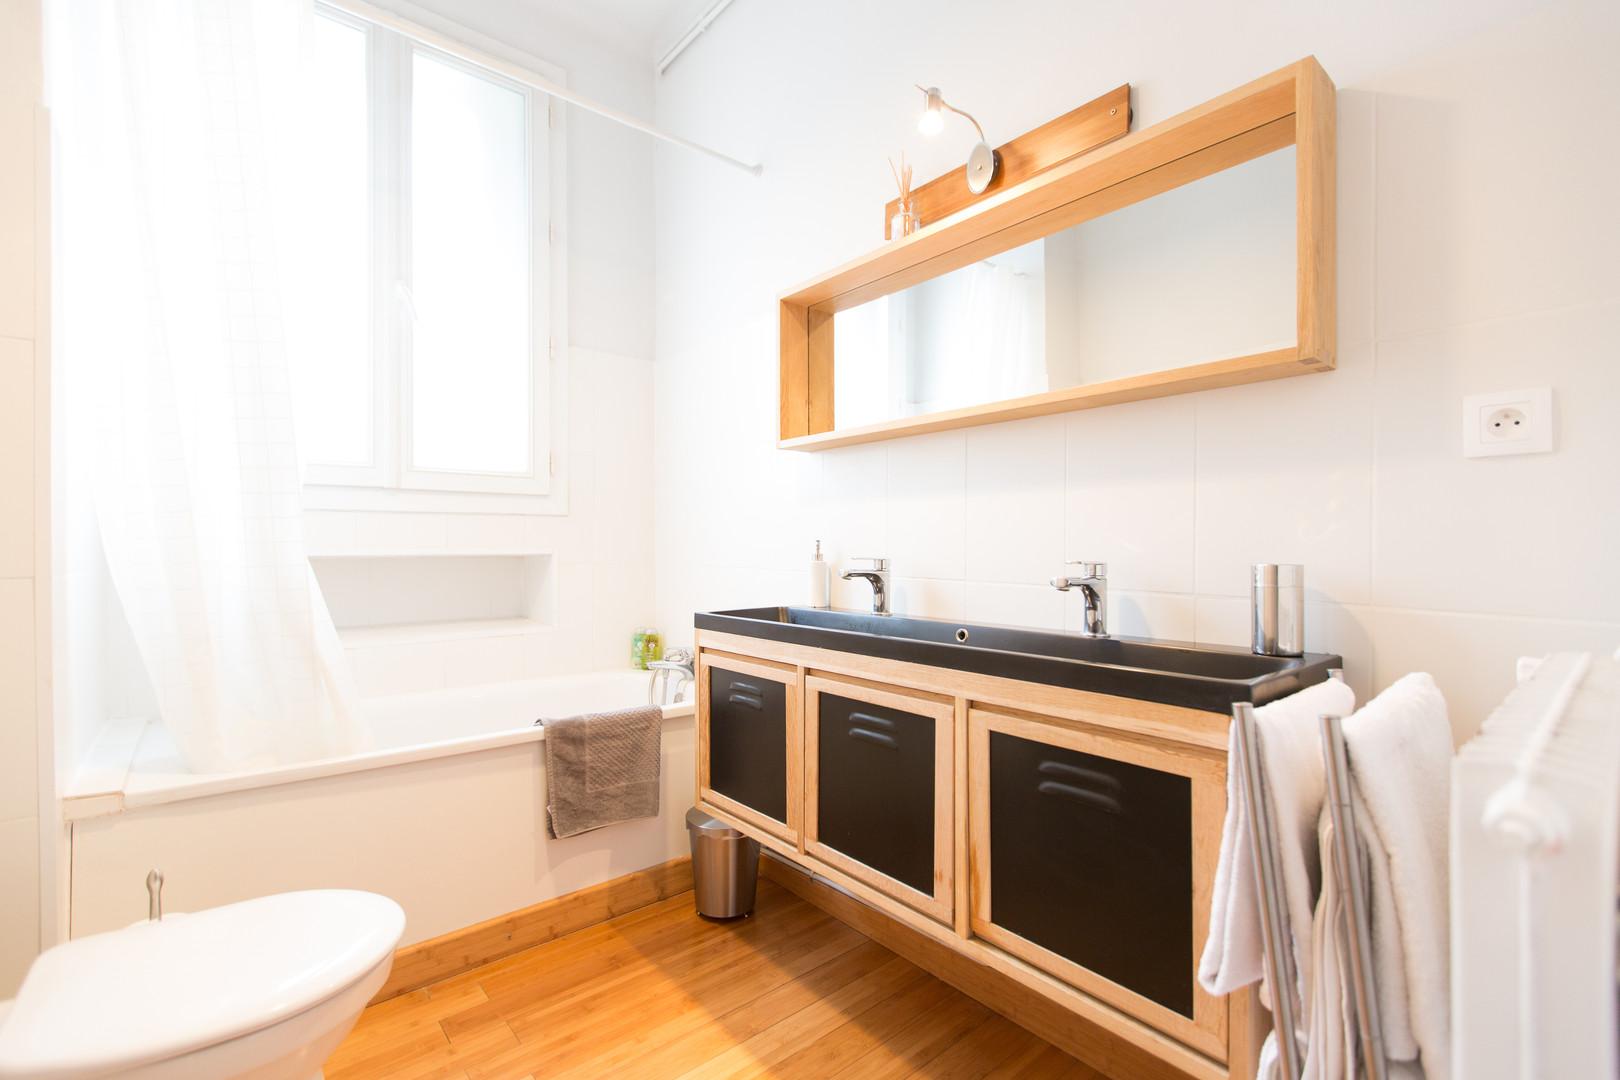 photographie  photography immobilier salle de bain  location  appartement